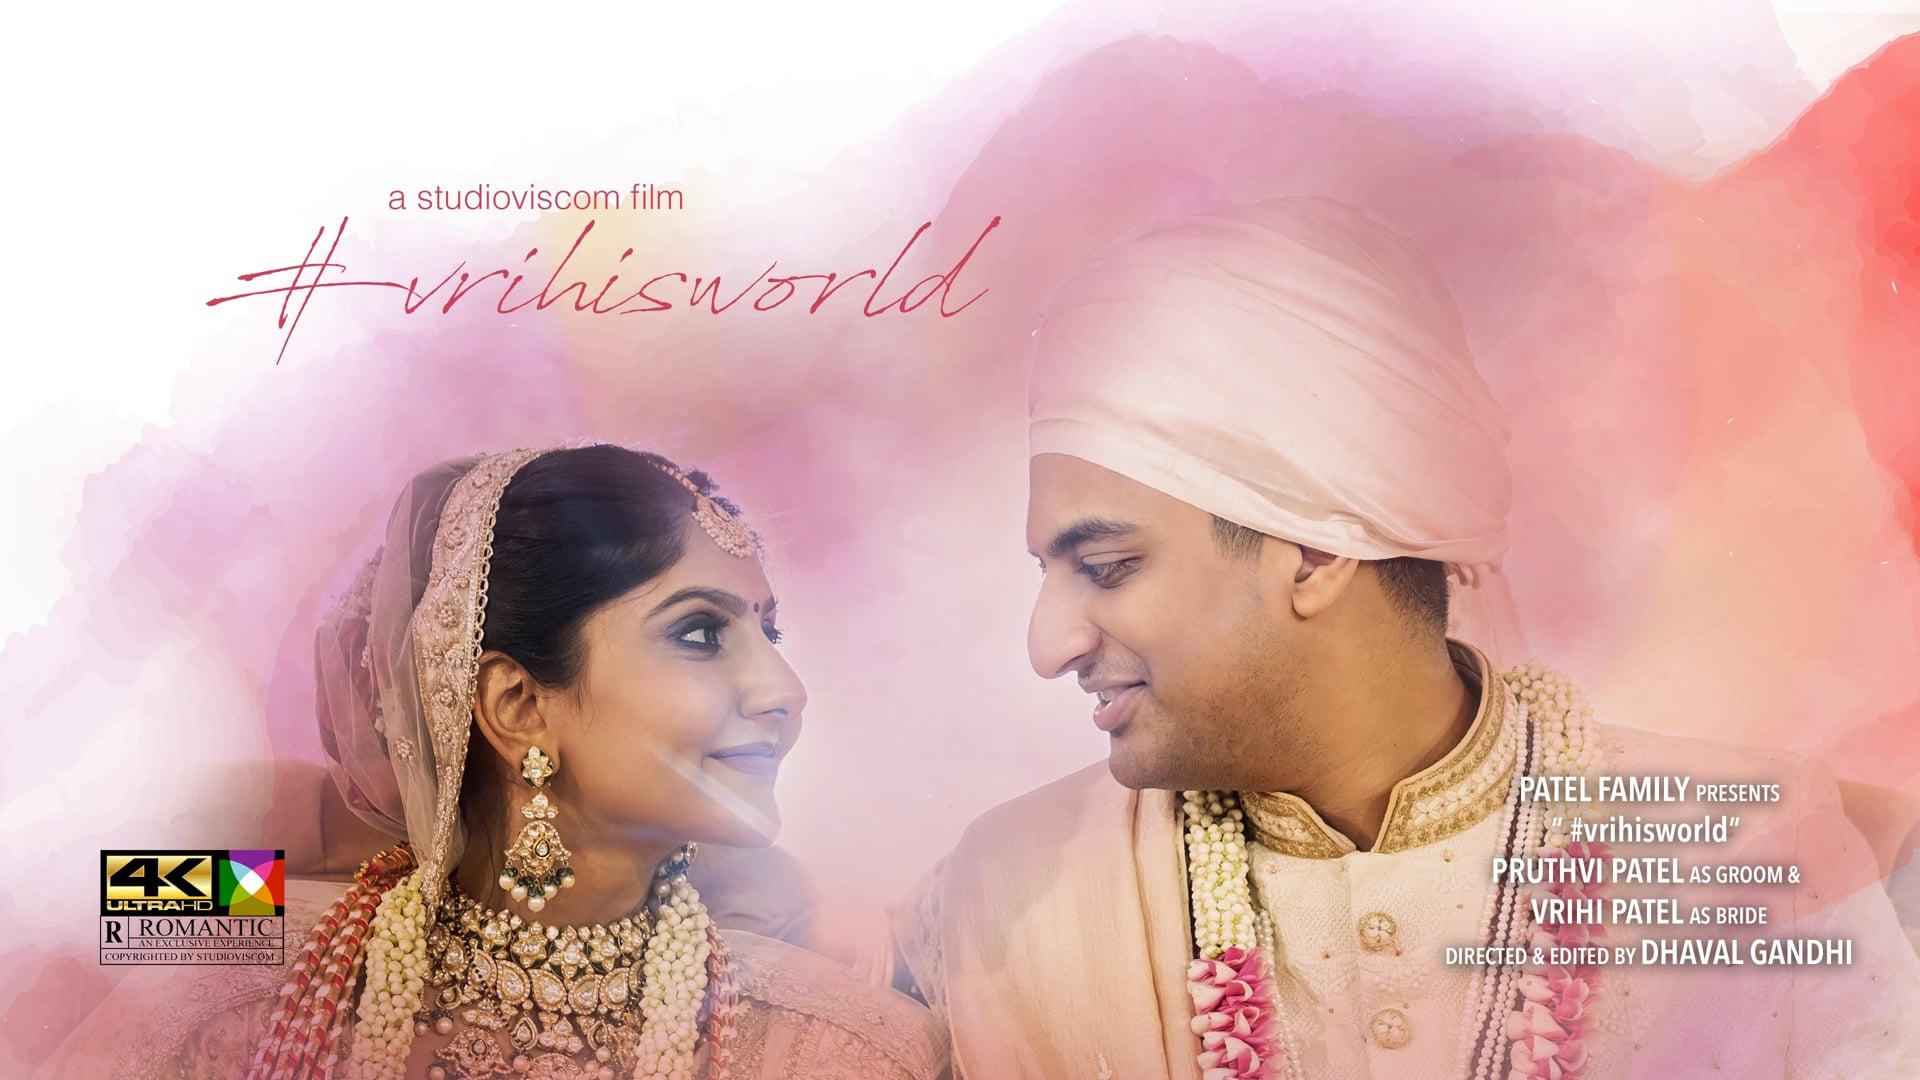 Prithvi & Vrihi Wedding Promo 4K